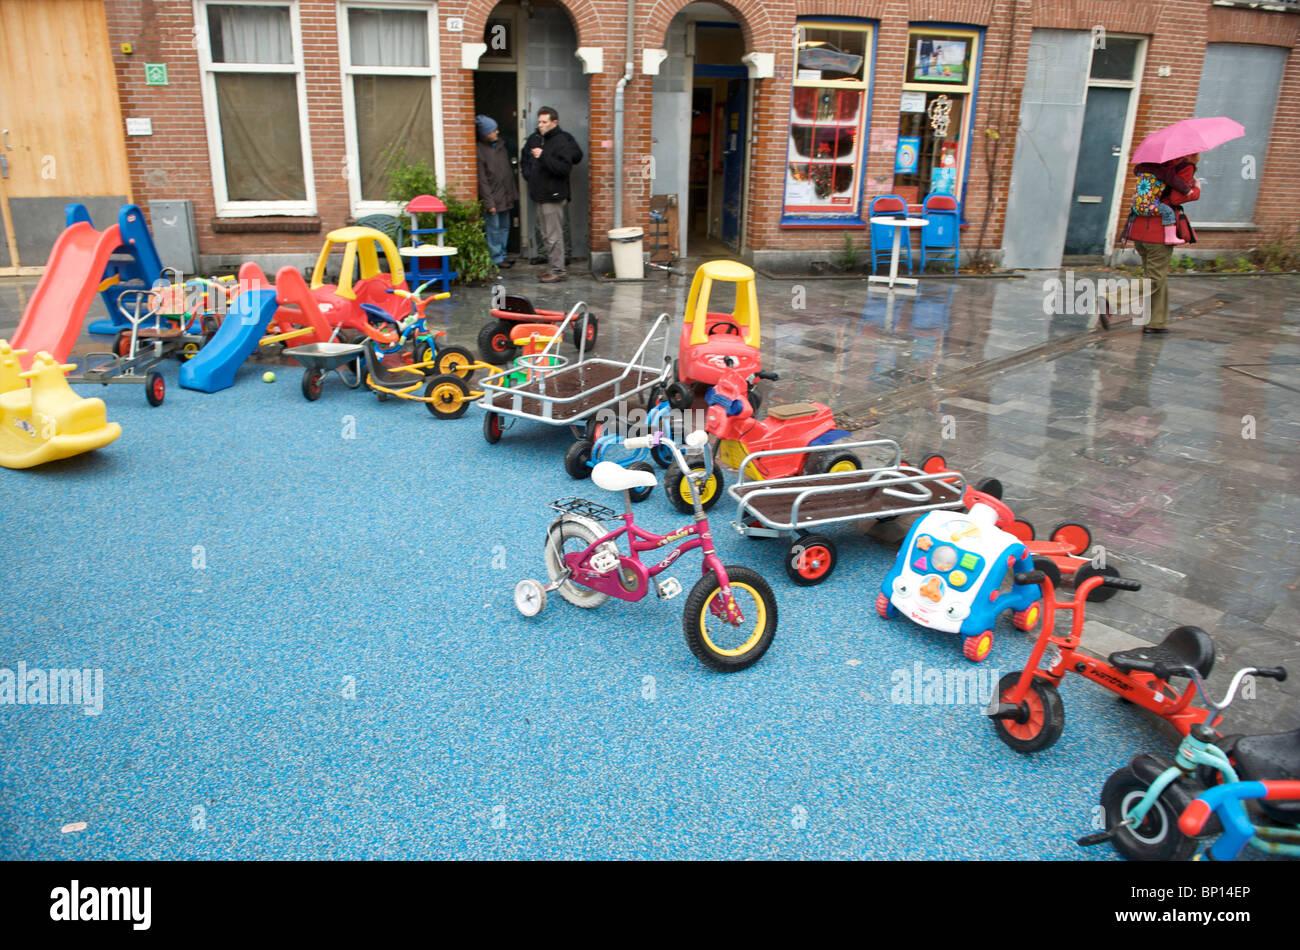 Amsterdam, Oud West, van Beuningenstraat kinderspeelplaats, speelgoed van Banque D'Images